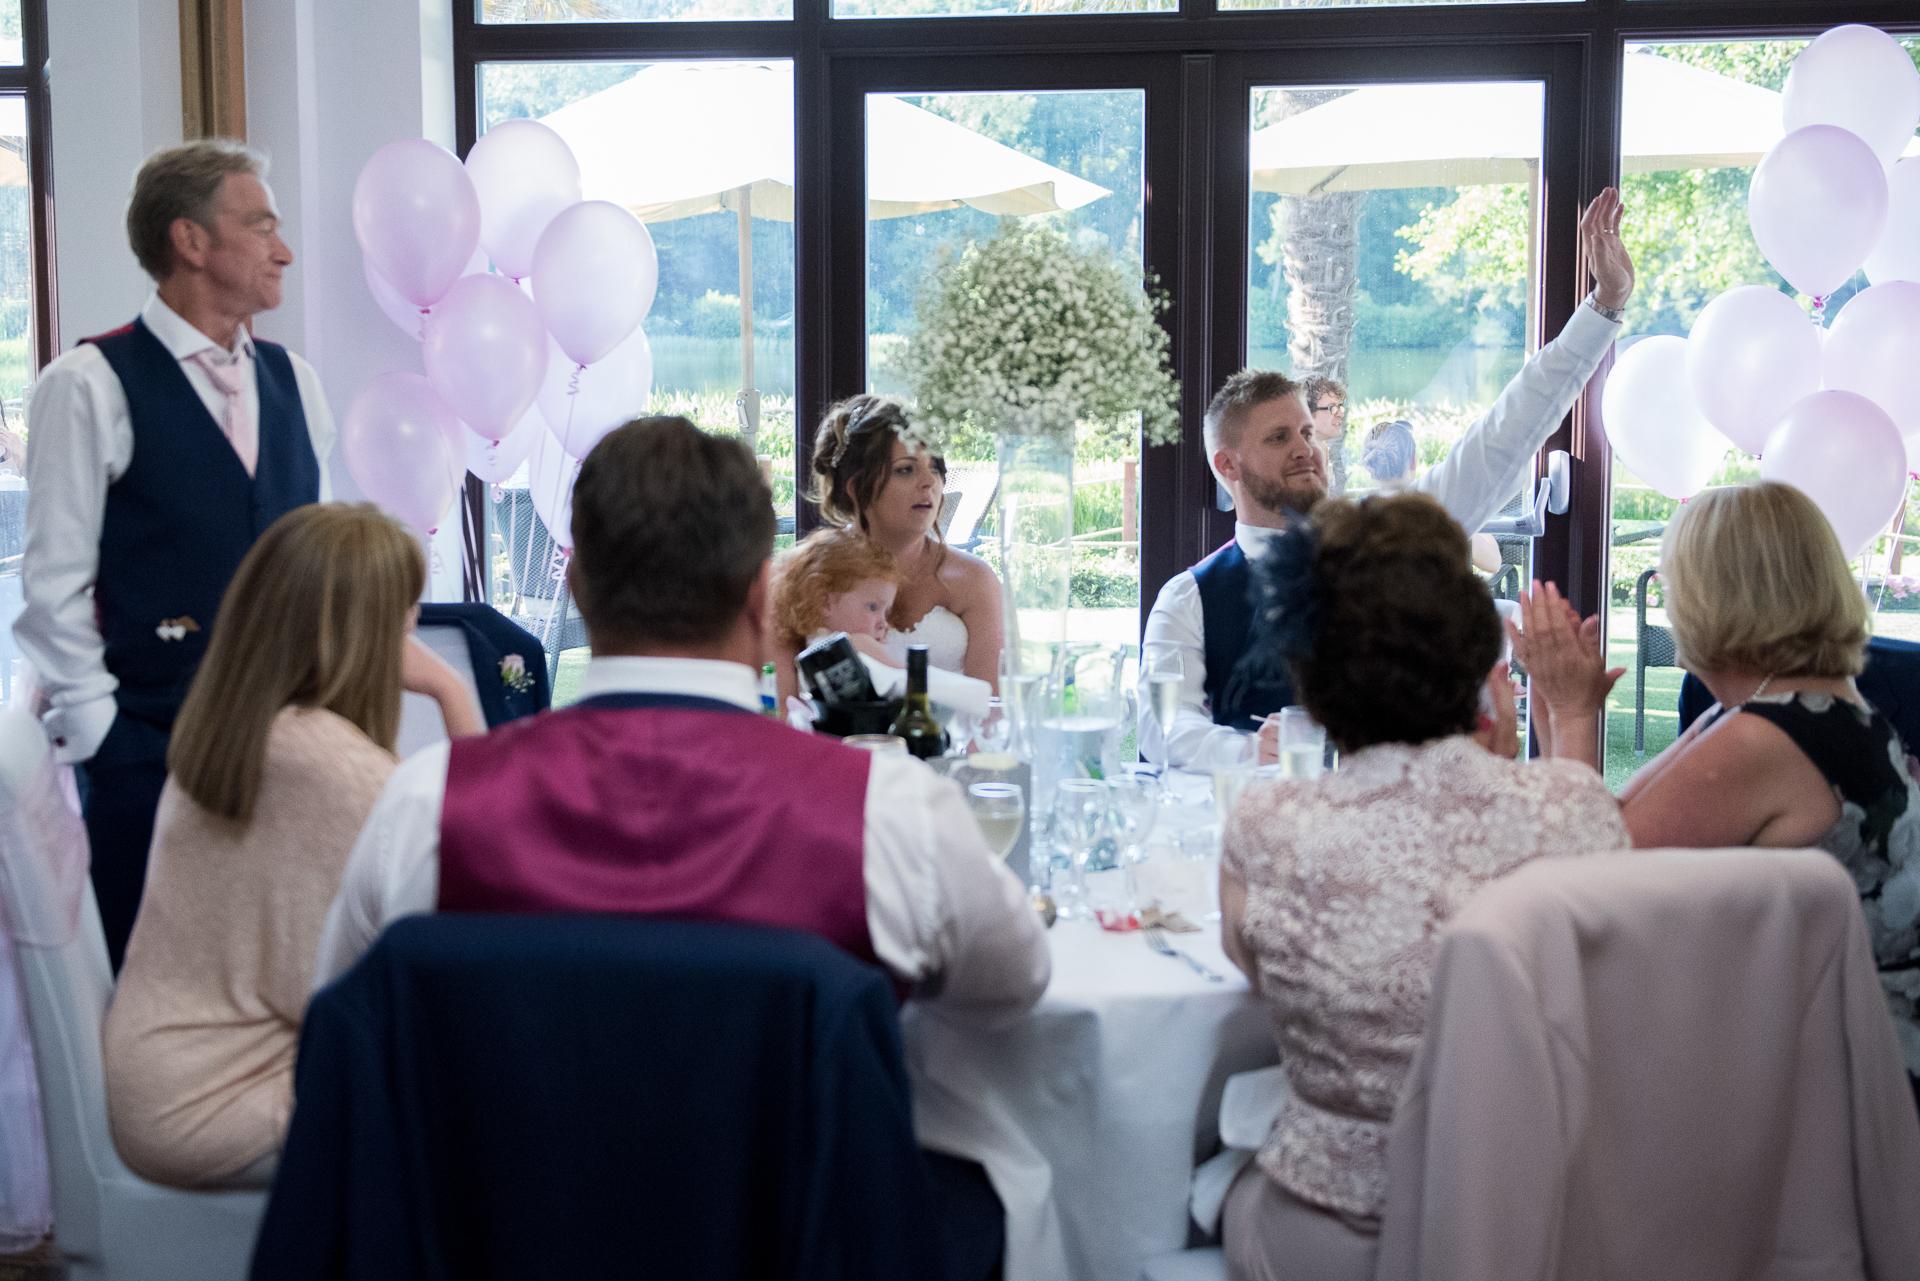 Frensham-Pond-Hotel-wedding_56.JPG